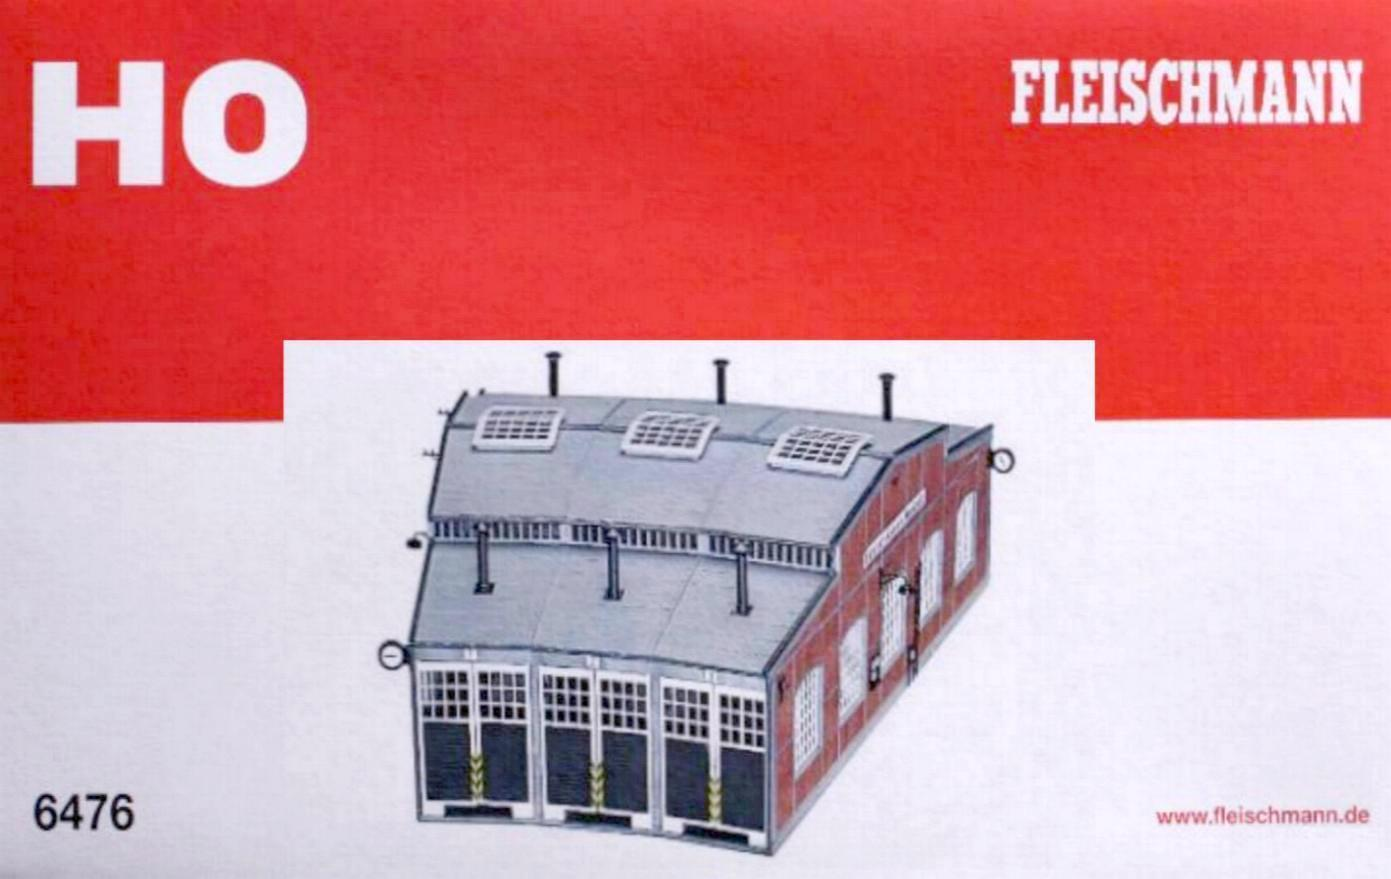 Fleischmann Fleischmann Fleischmann 6476 H0 - Ringlokschuppen NEU & OvP  | Sonderaktionen zum Jahresende  205d36